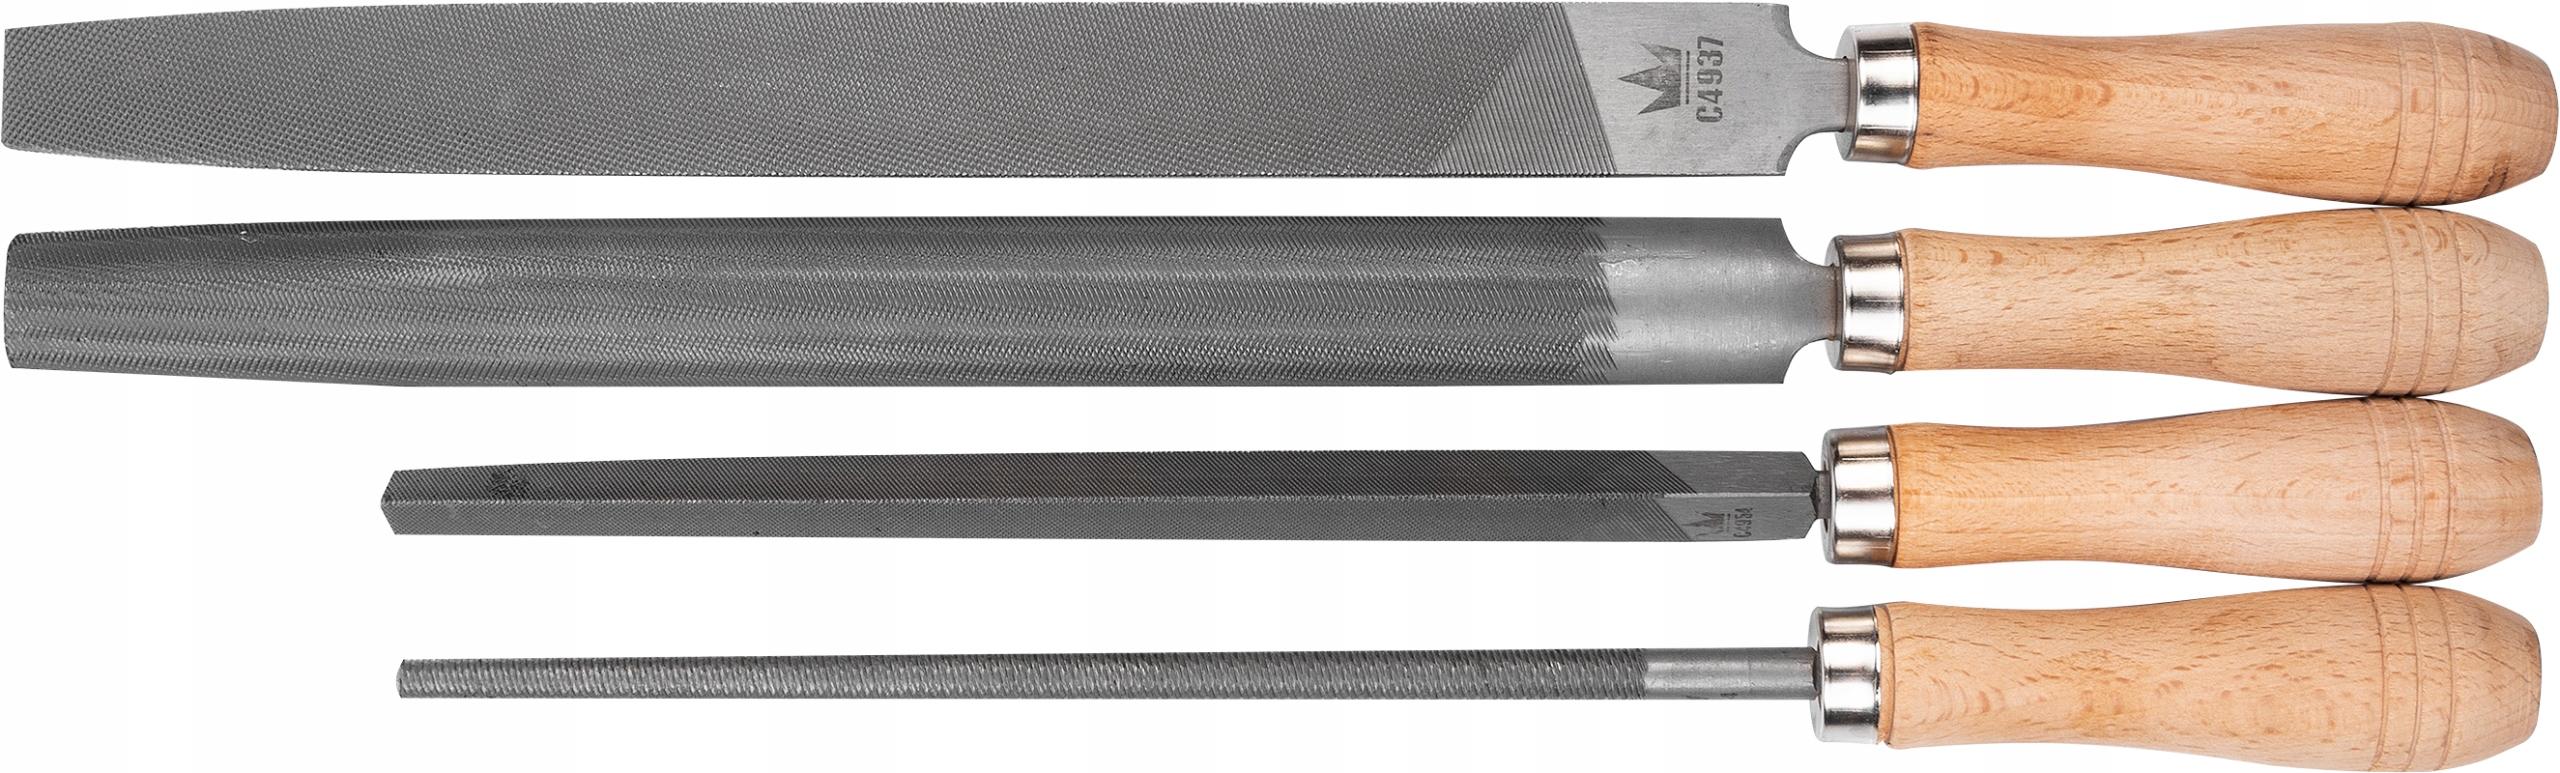 Напильники по металлу: классификация и виды